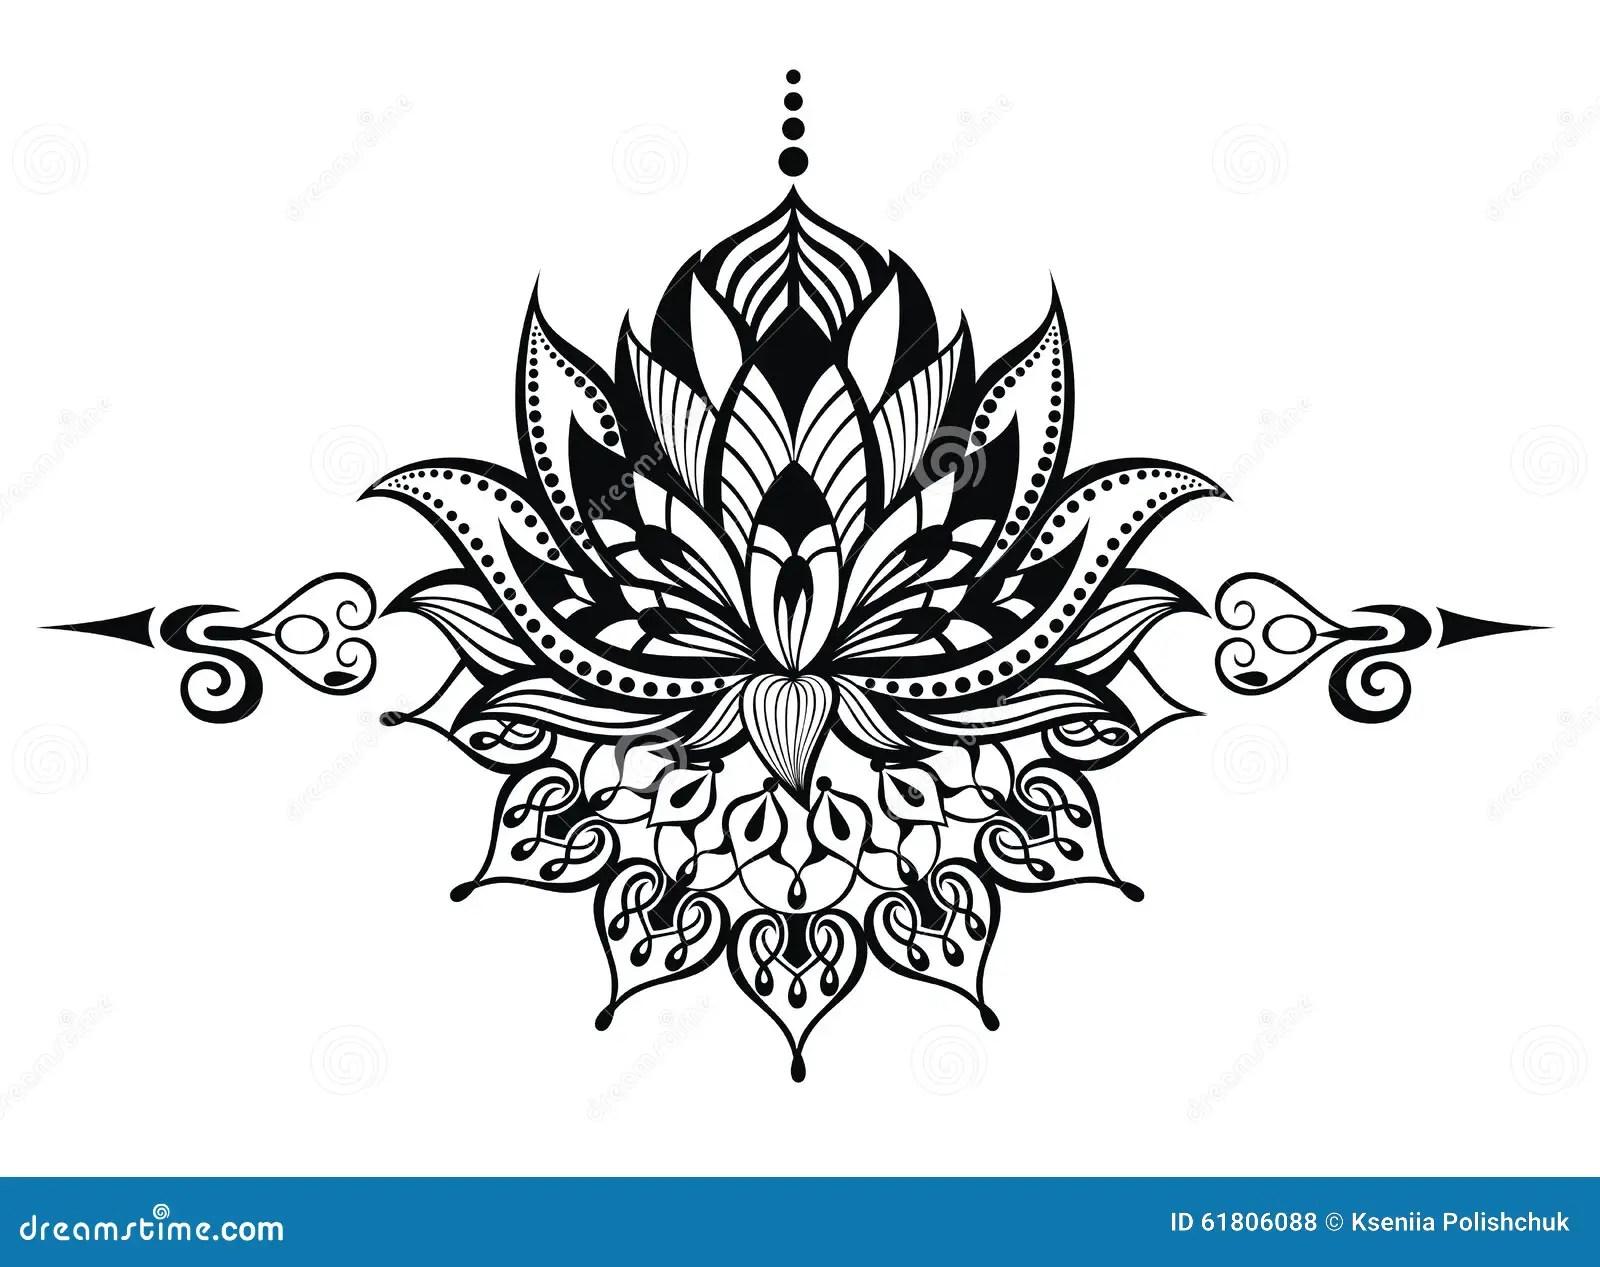 Ilustración Del Zen De La Flor De Loto Tatuaje Ilustración Del